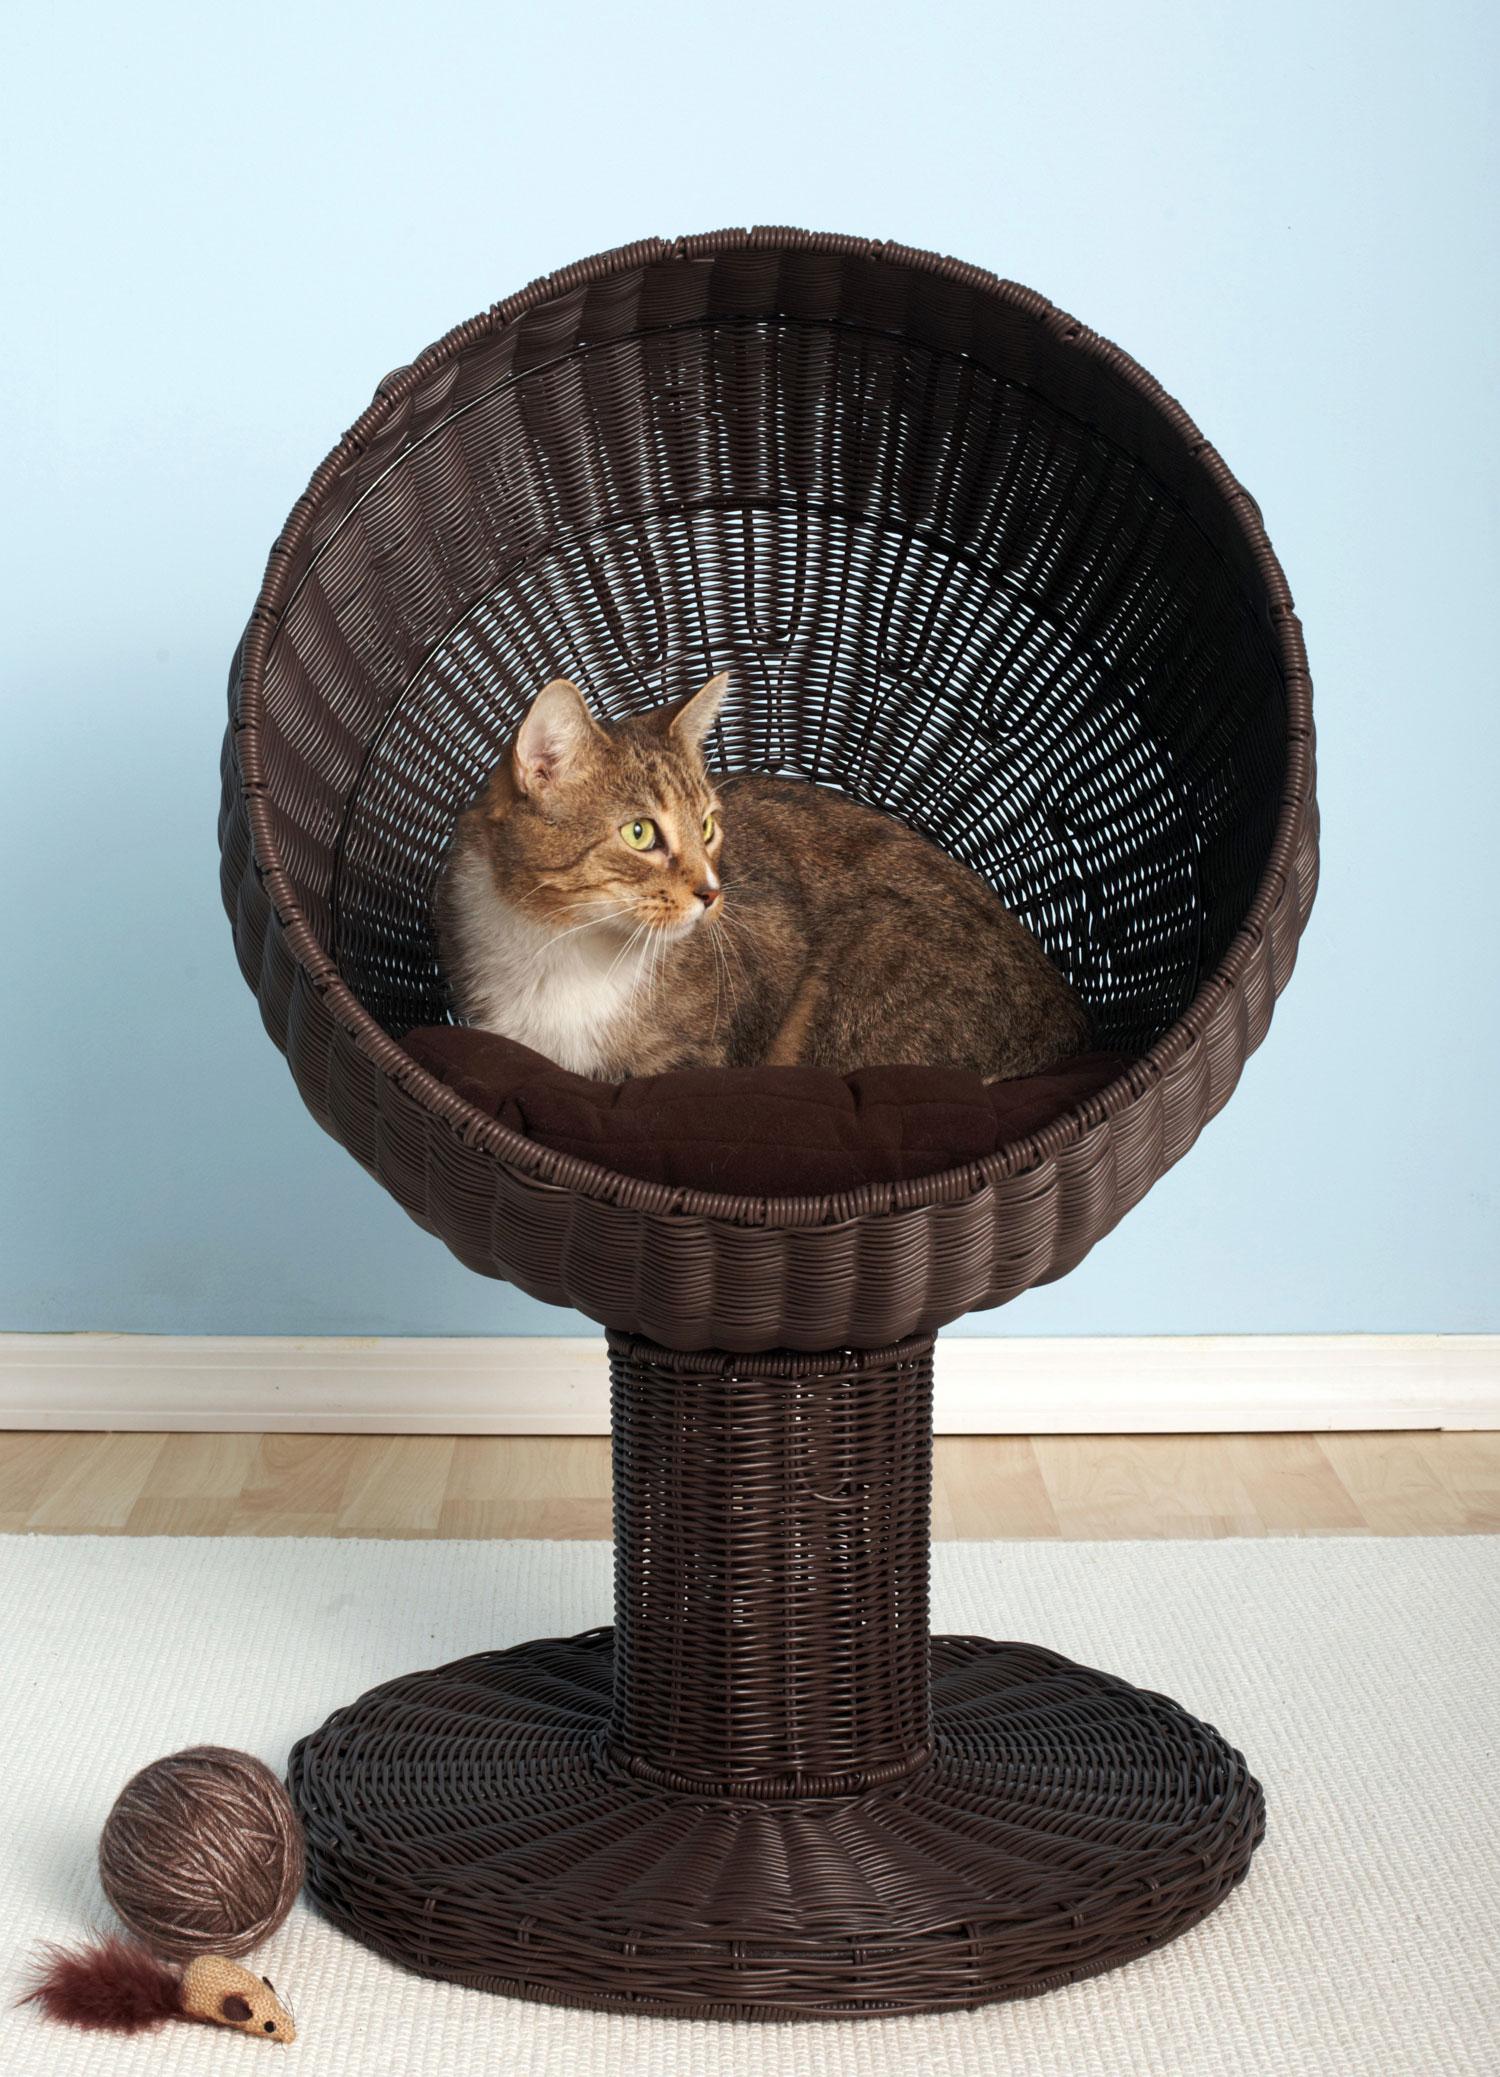 The Refined Feline Kitty Ball Luxury Wicker Cat Bed